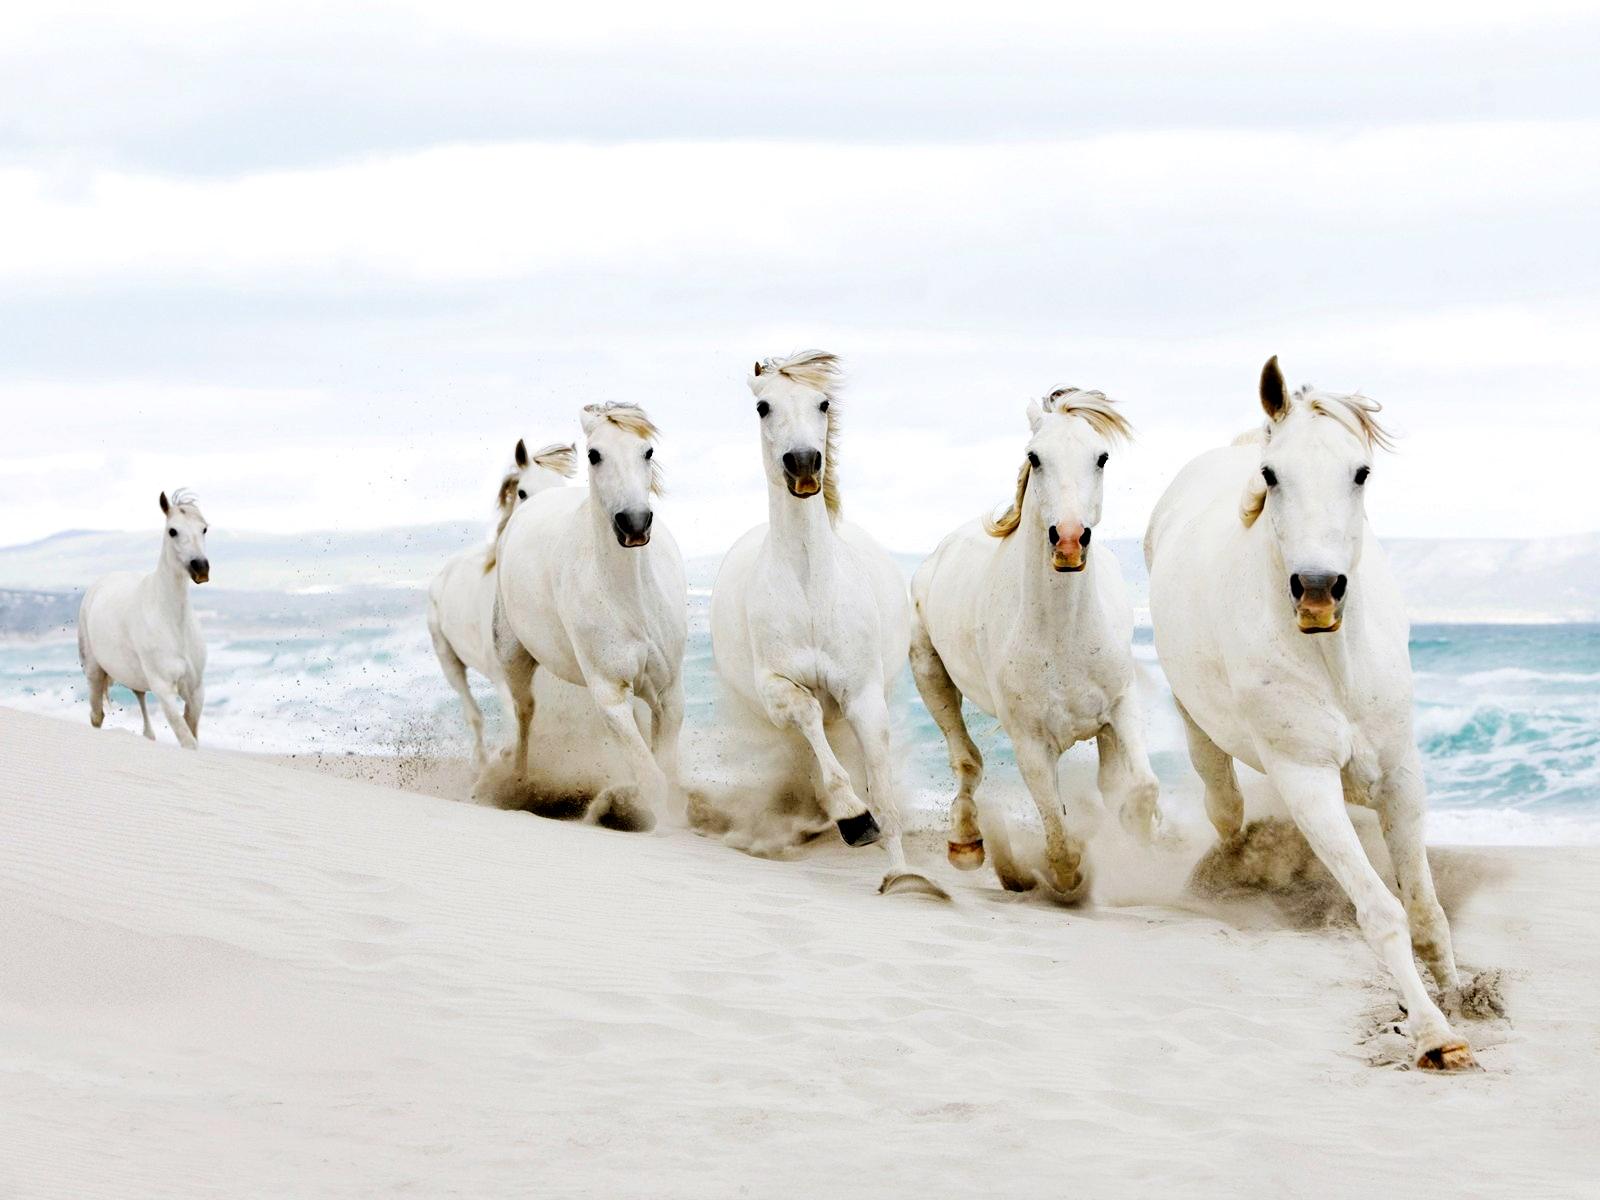 بالصور زمن الخيول البيضاء , صور لخيول بيضاء تحفة 3613 18